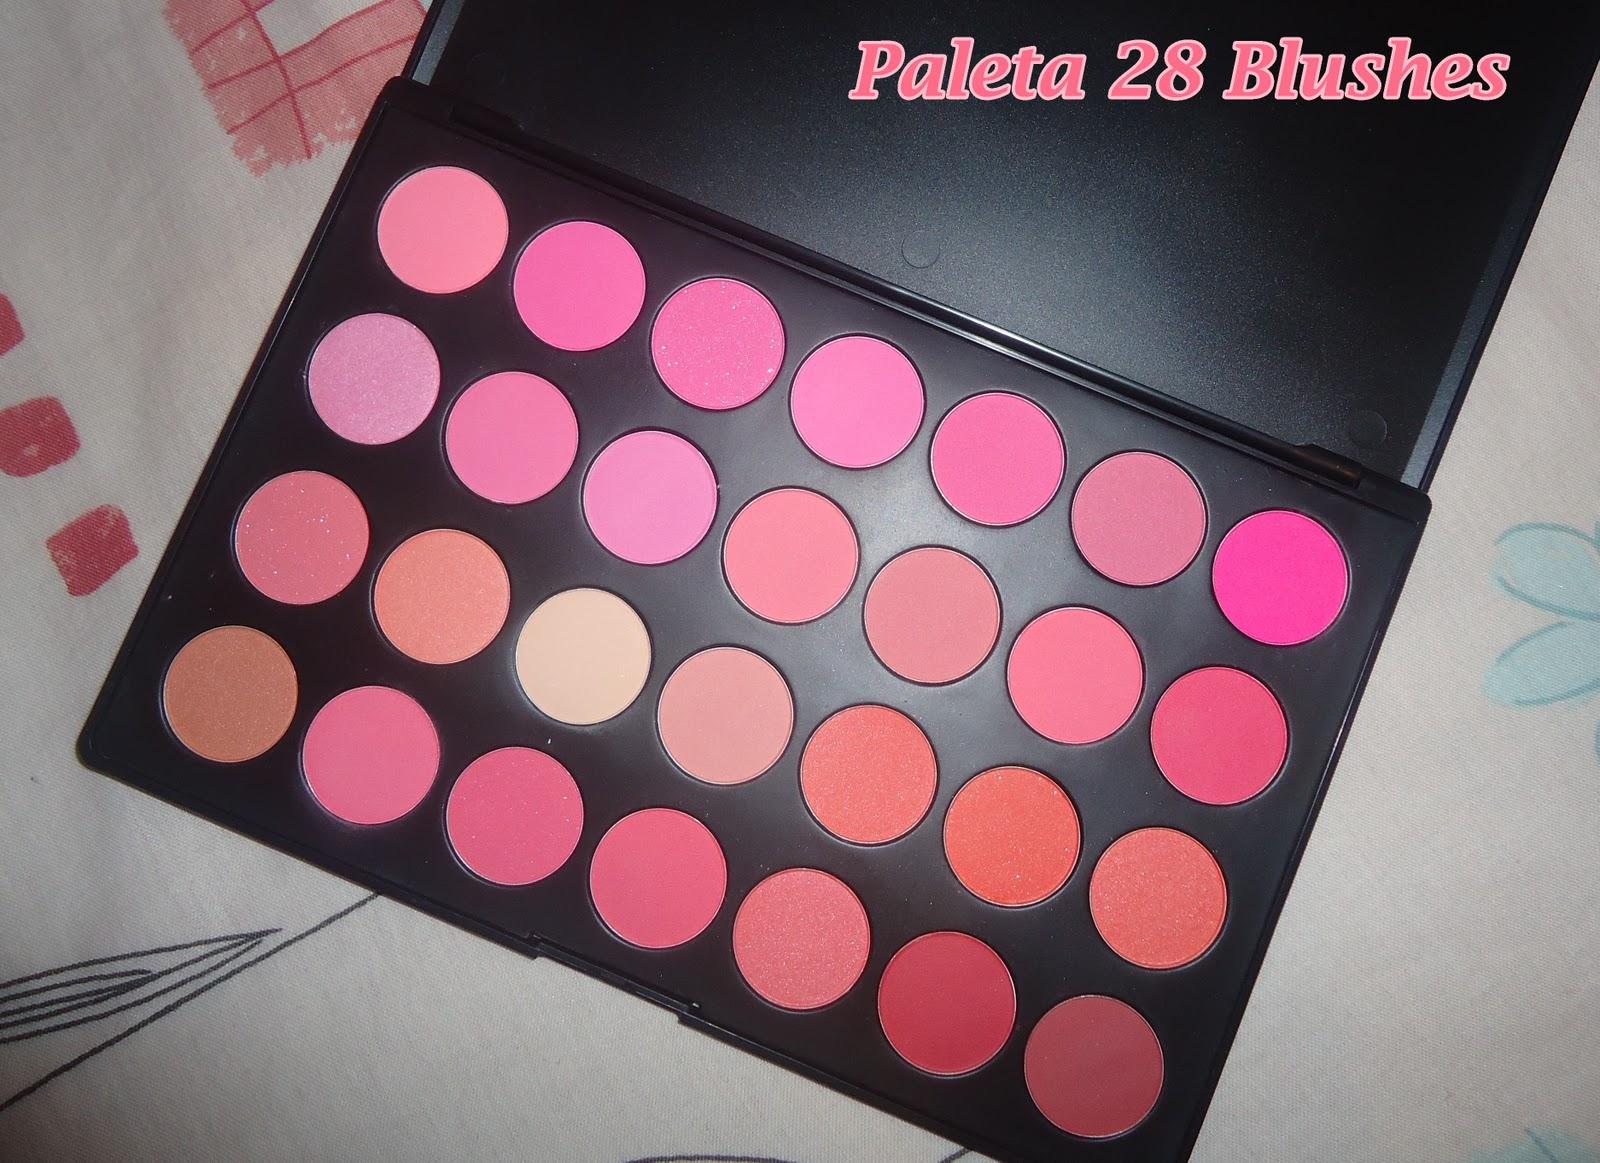 paleta 28 blushes